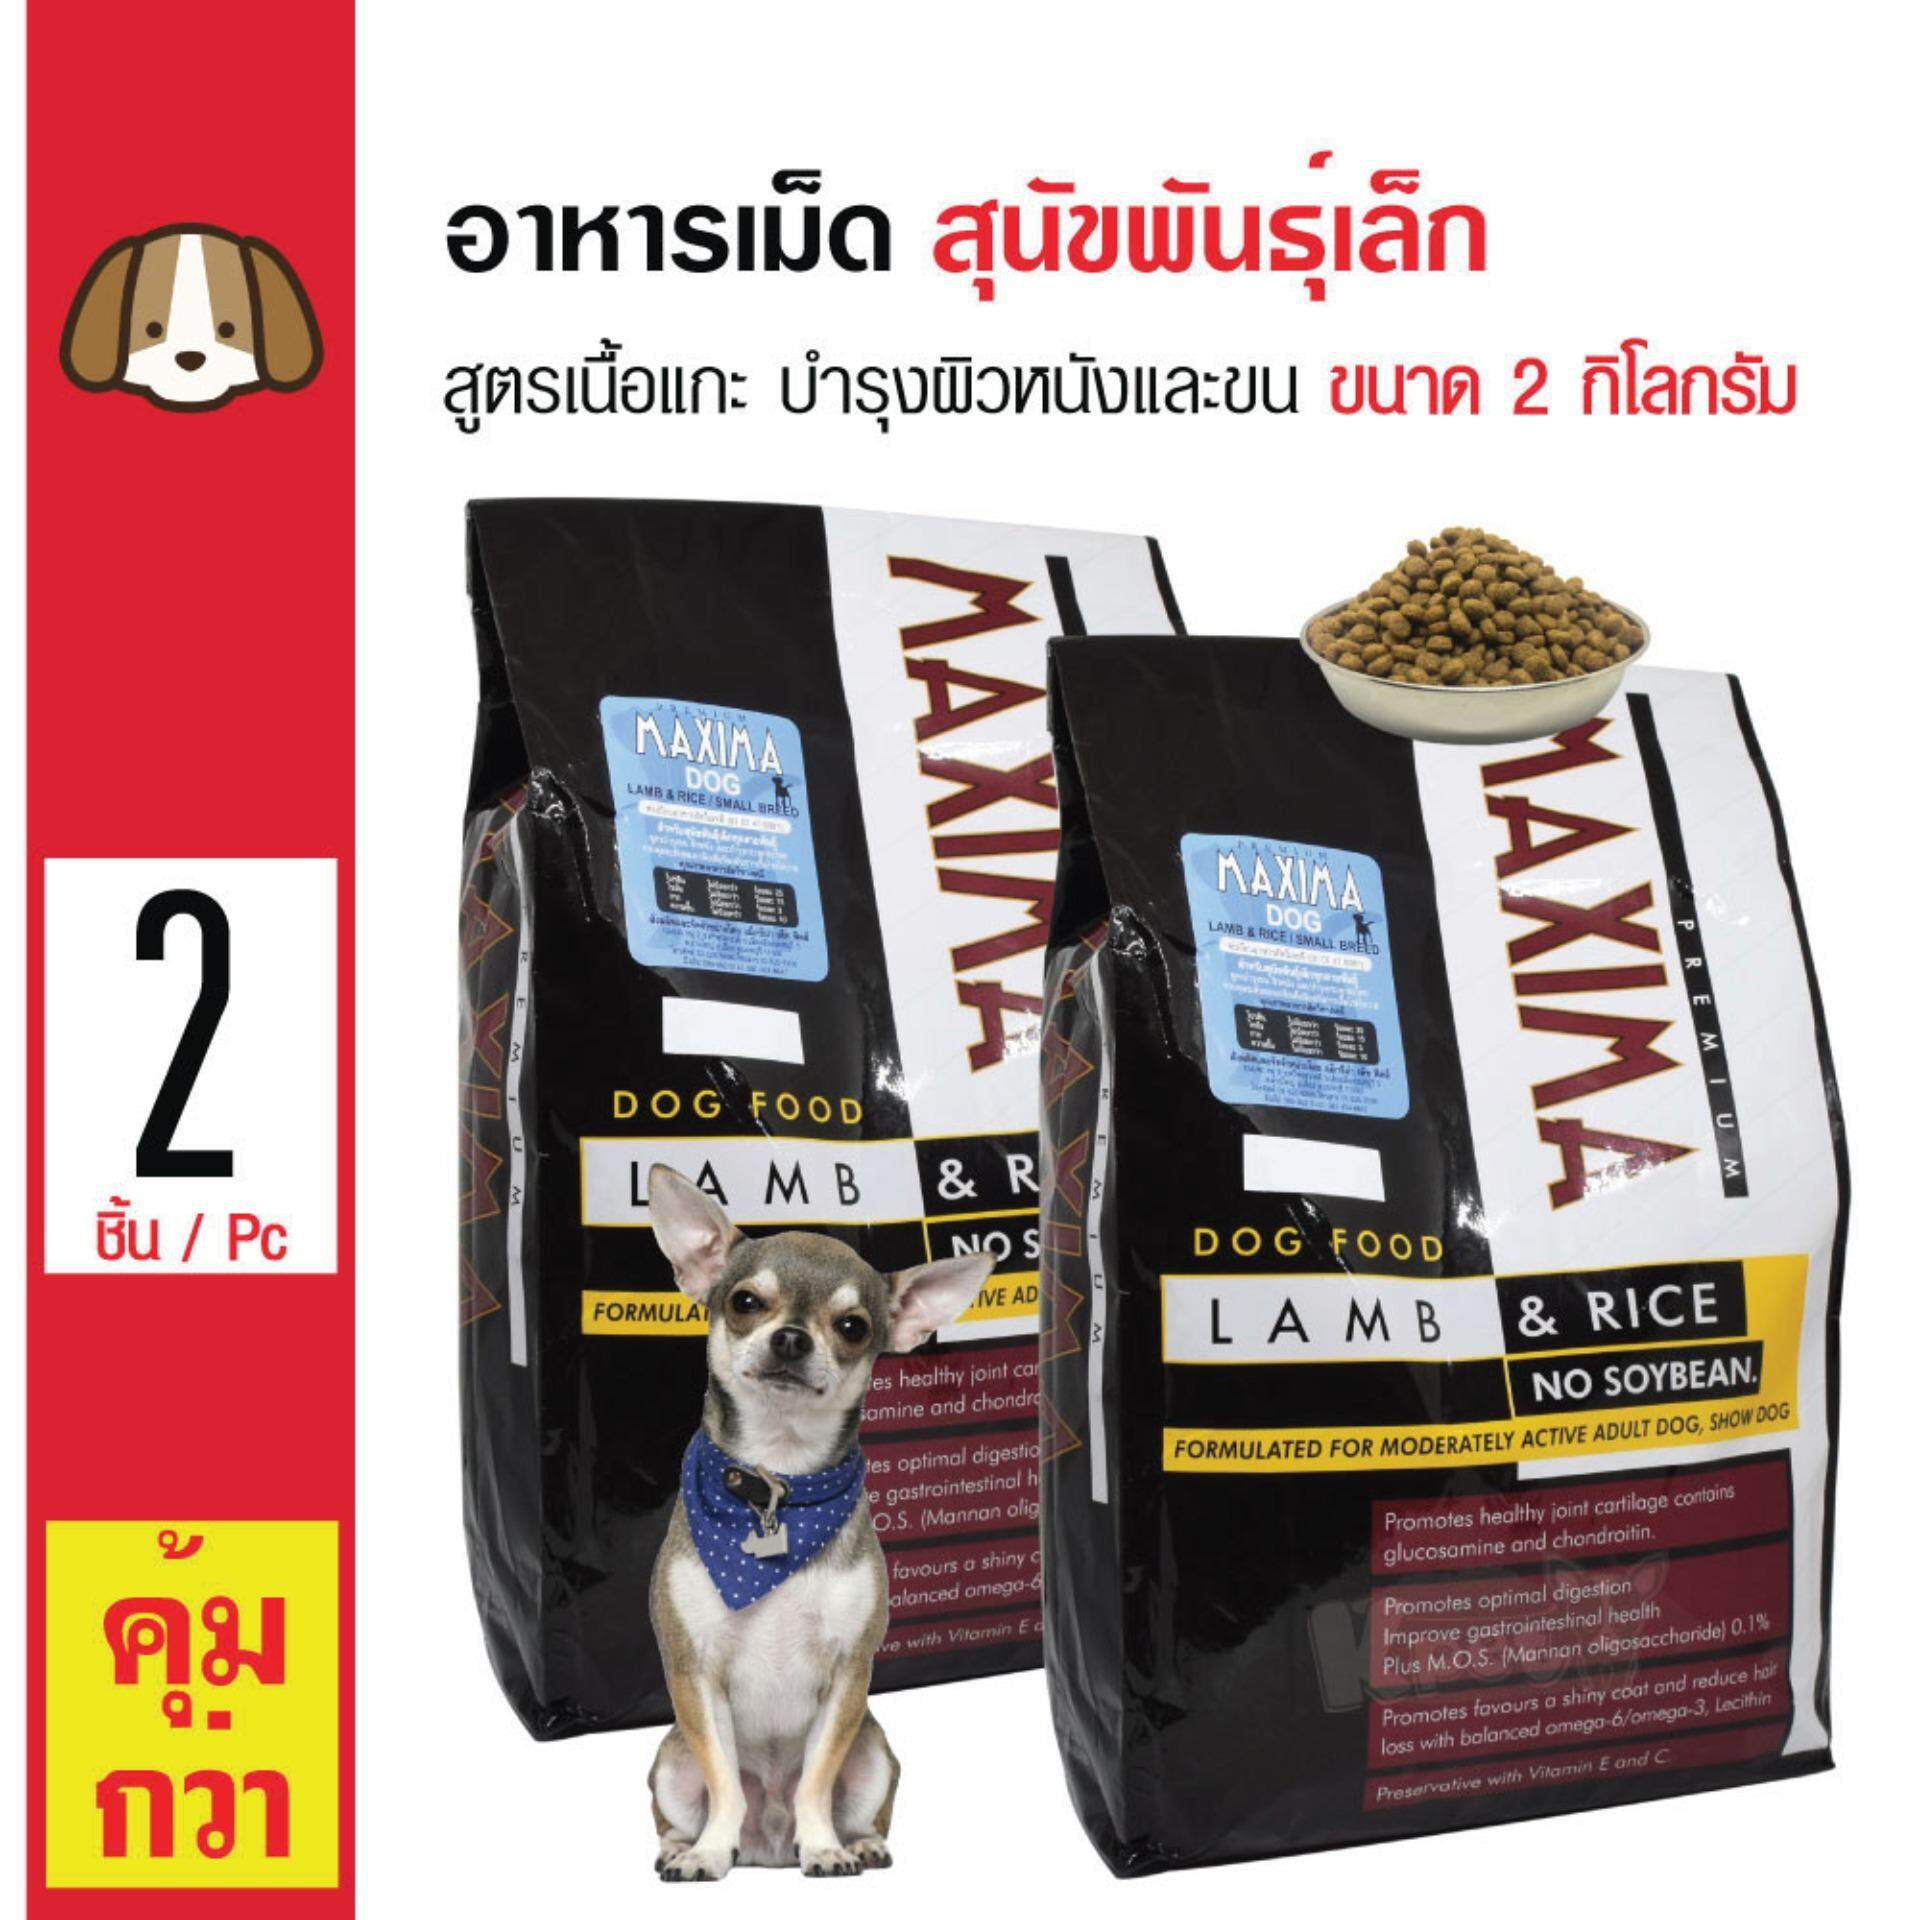 Maxima Dog อาหารเม็ด อาหารสุนัข สูตรเนื้อแกะ บำรุงผิวหนังและขน (เม็ดเล็ก) สำหรับสุนัขพันธุ์เล็ก ขนาด 2 กิโลกรัม X 2 ถุง.